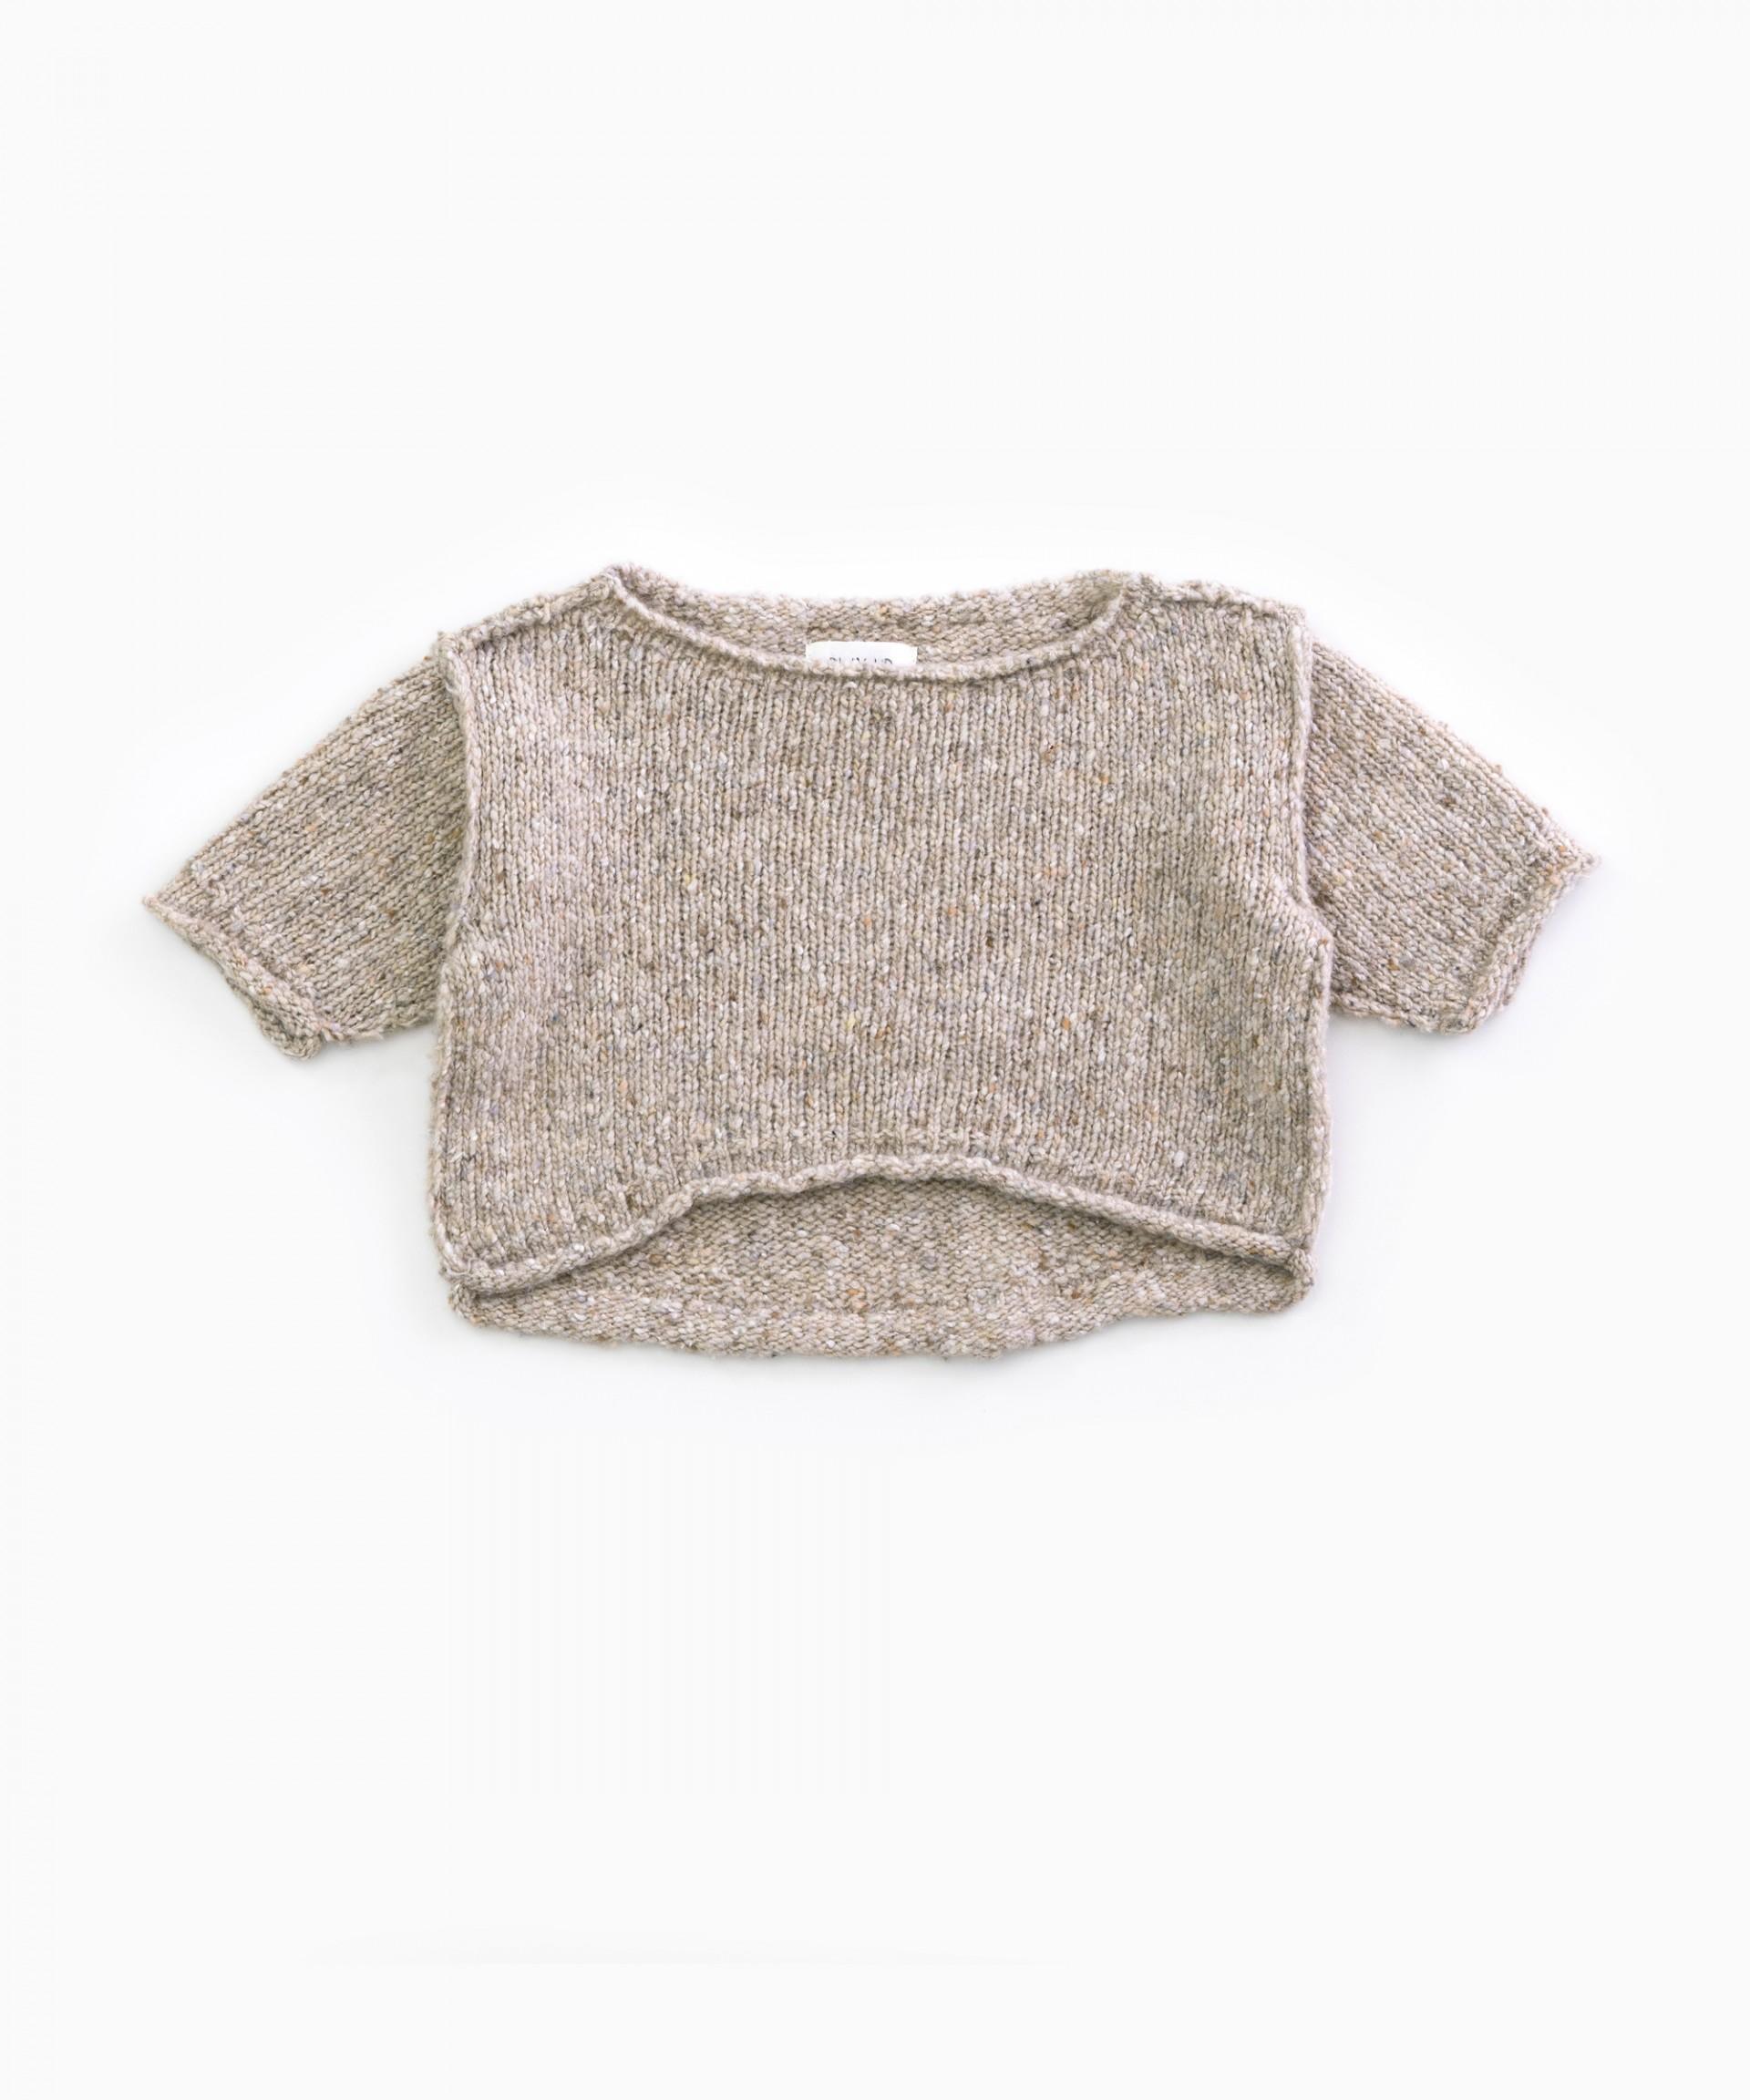 Maglia lavorata a maglia con fibre riciclate | Woodwork